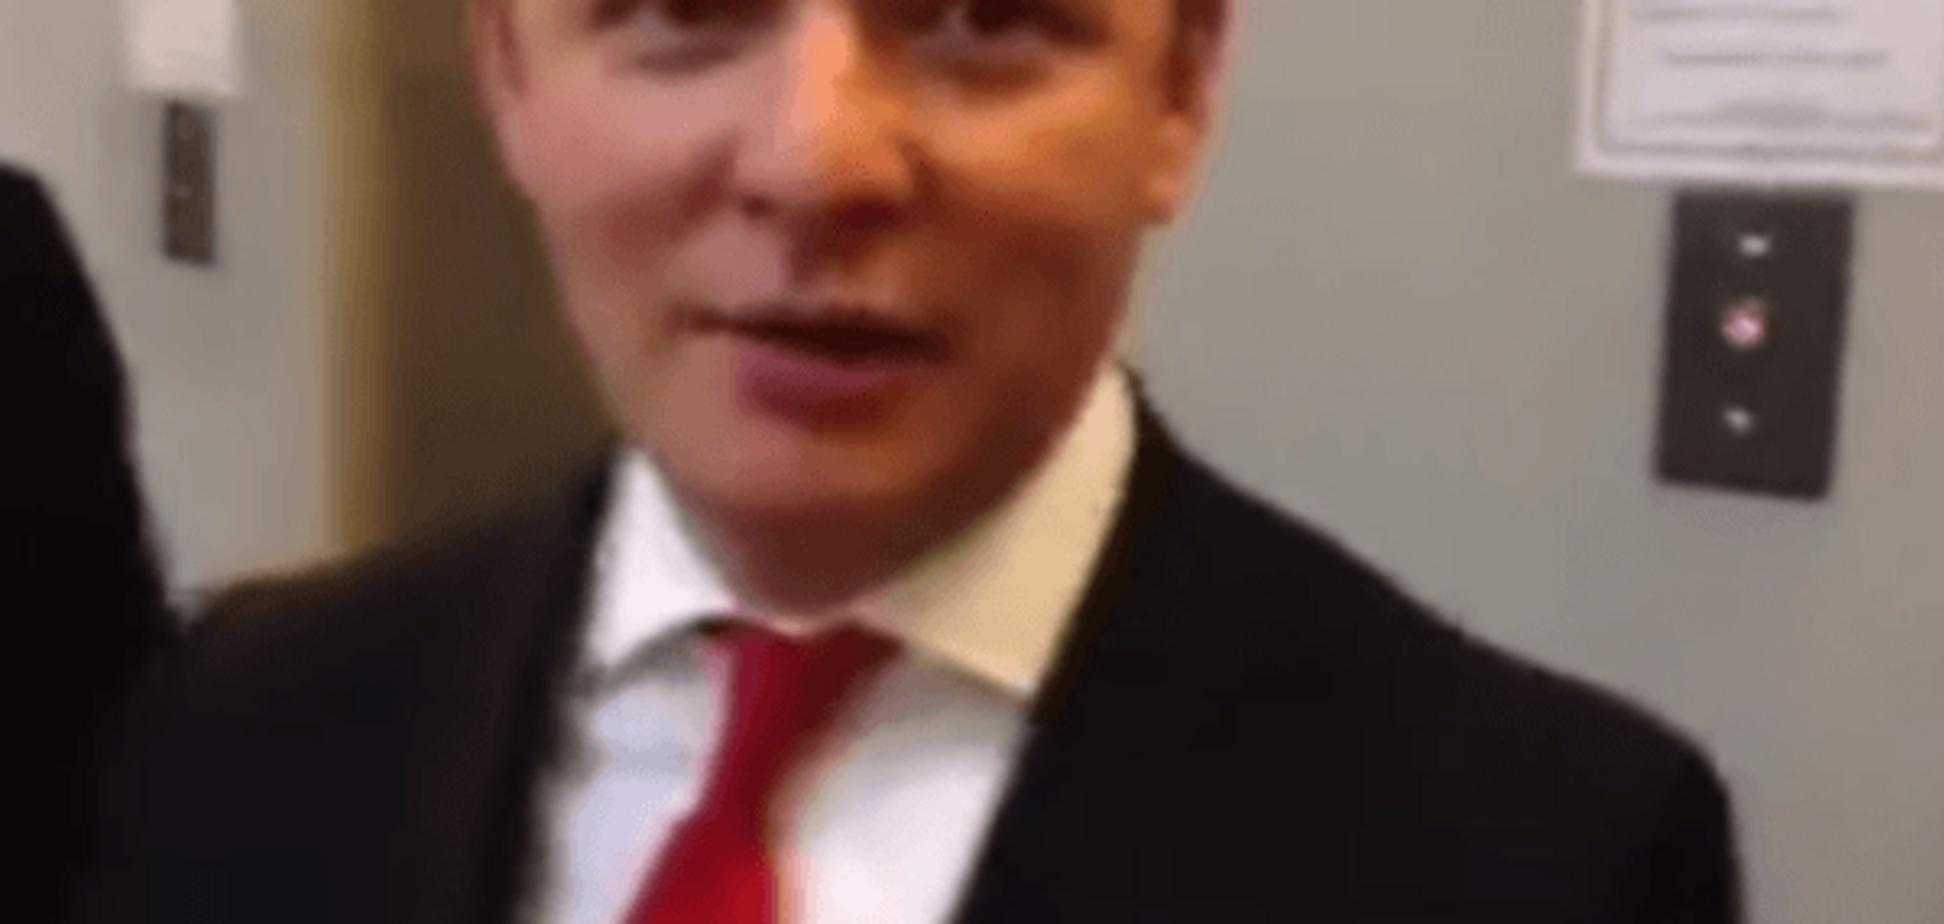 Гриша, доведеться тебе прикінчити! Ляшко показав, як 'вийшов на свободу': відео з ліфта Ради